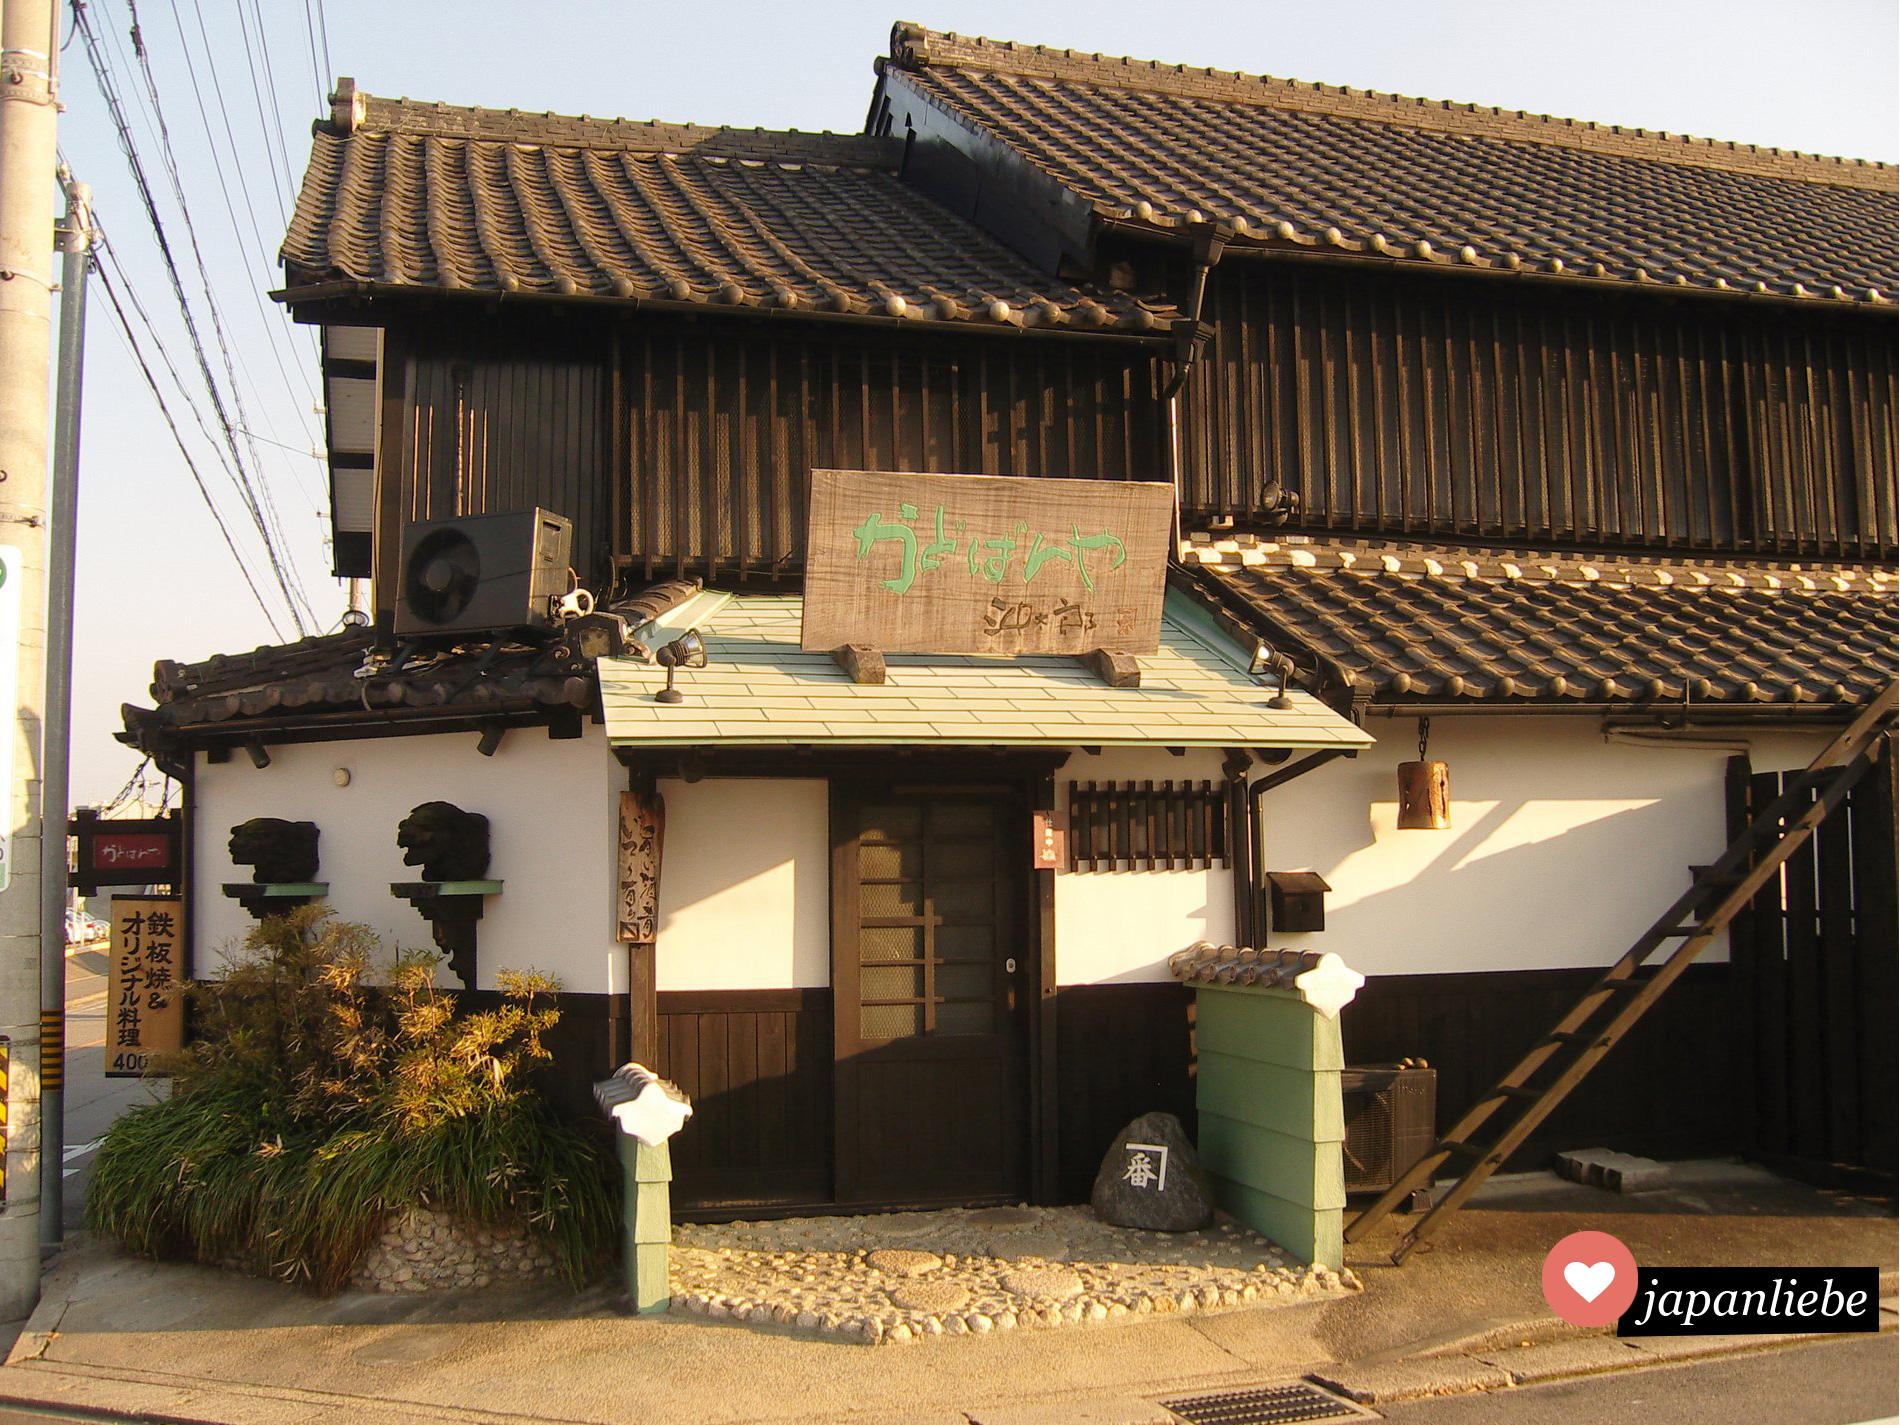 japanisches restaurant im klassischen stil. Black Bedroom Furniture Sets. Home Design Ideas